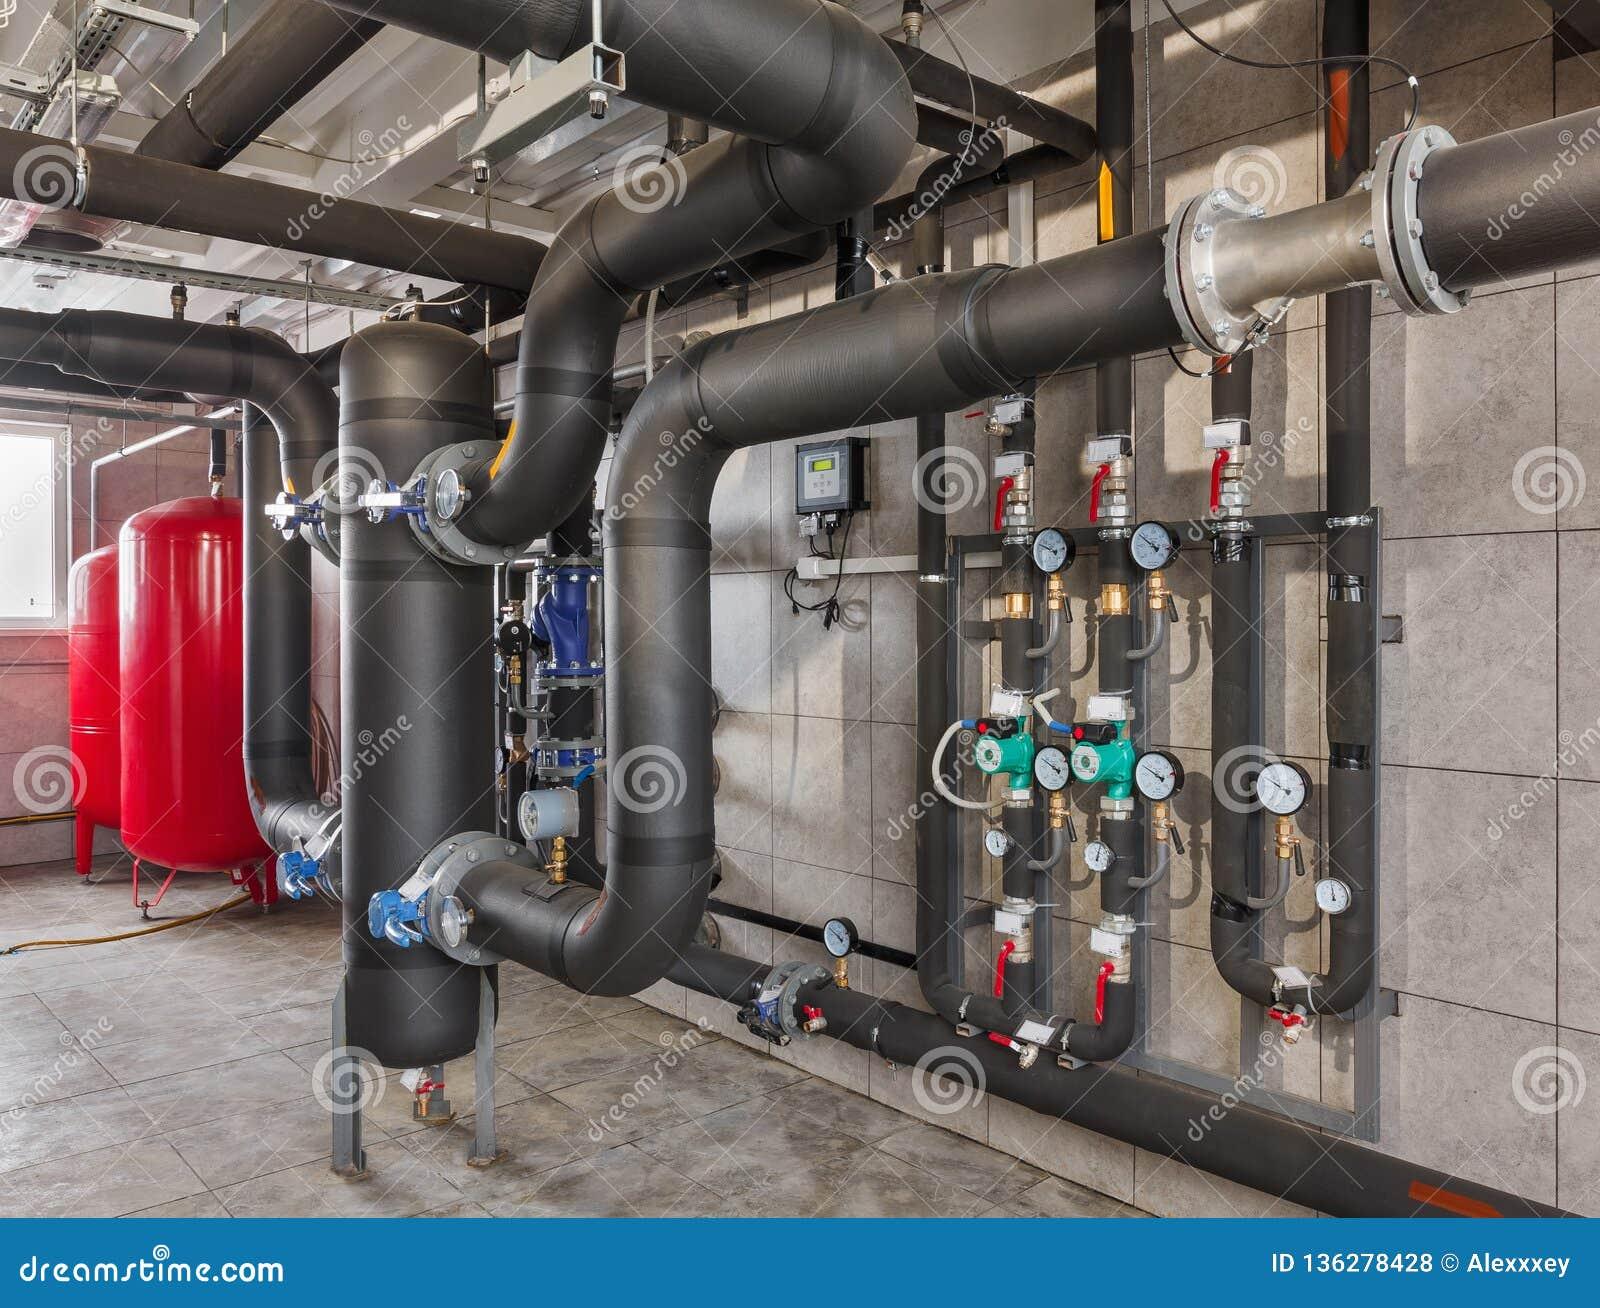 Interior de industrial, sitio de caldera de gas con las calderas; bombas; sensores y una variedad de tuberías